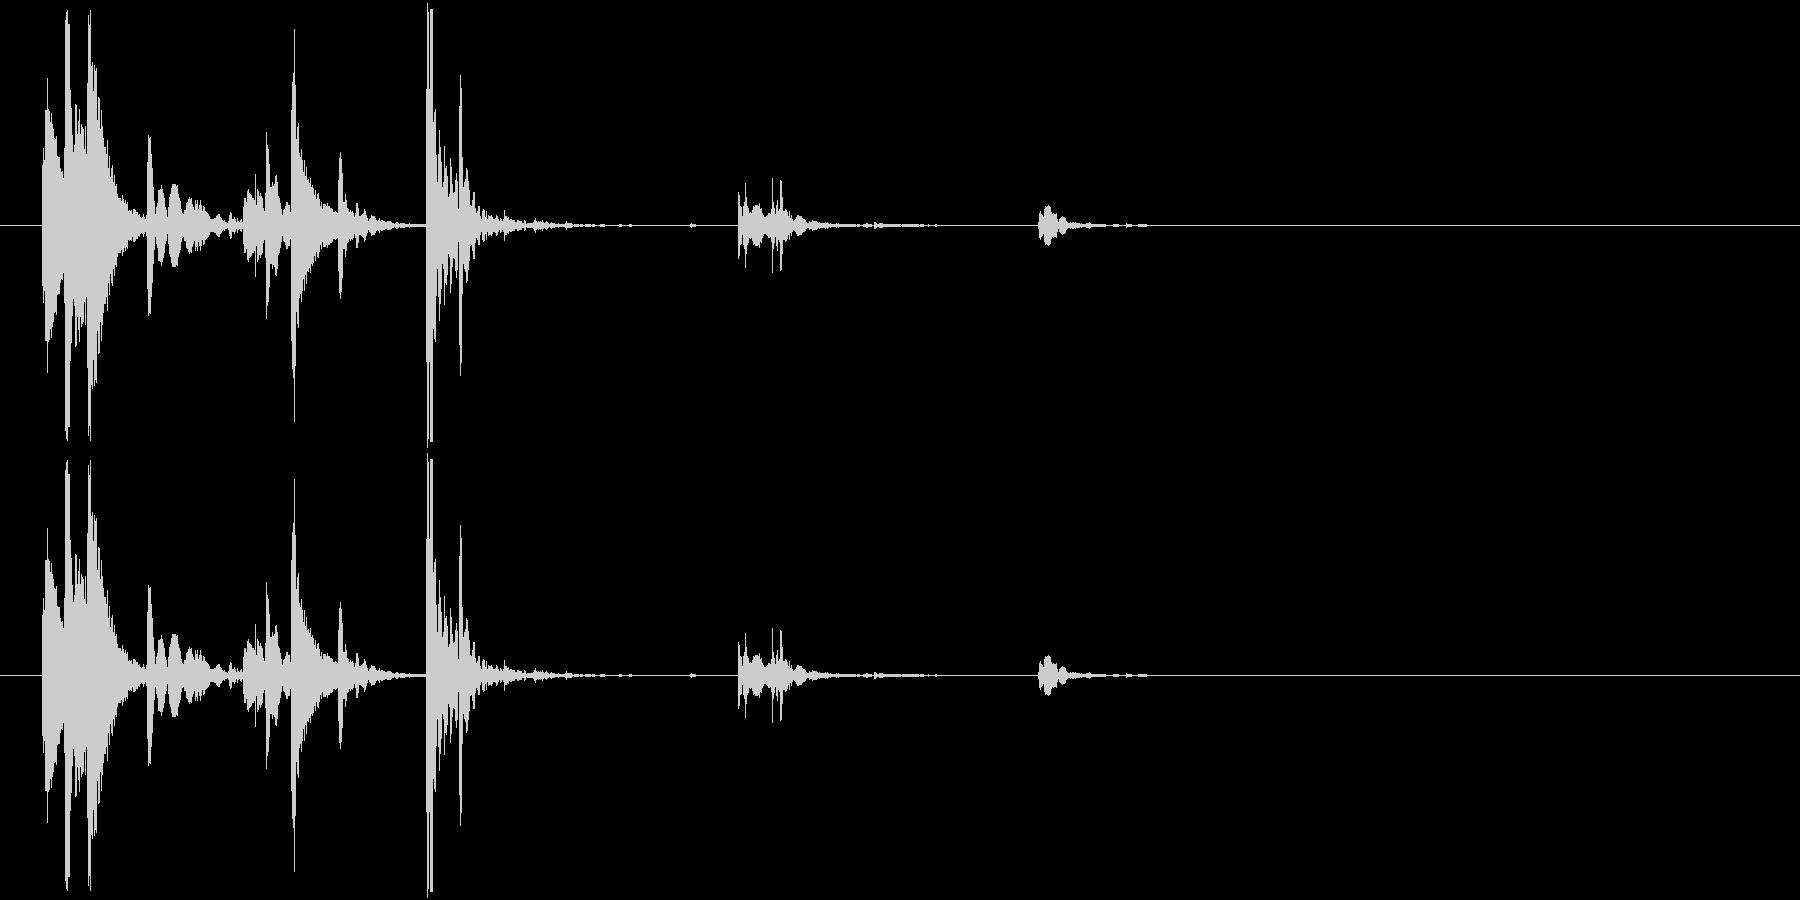 ロックグラスに氷を入れる涼しげな音01の未再生の波形